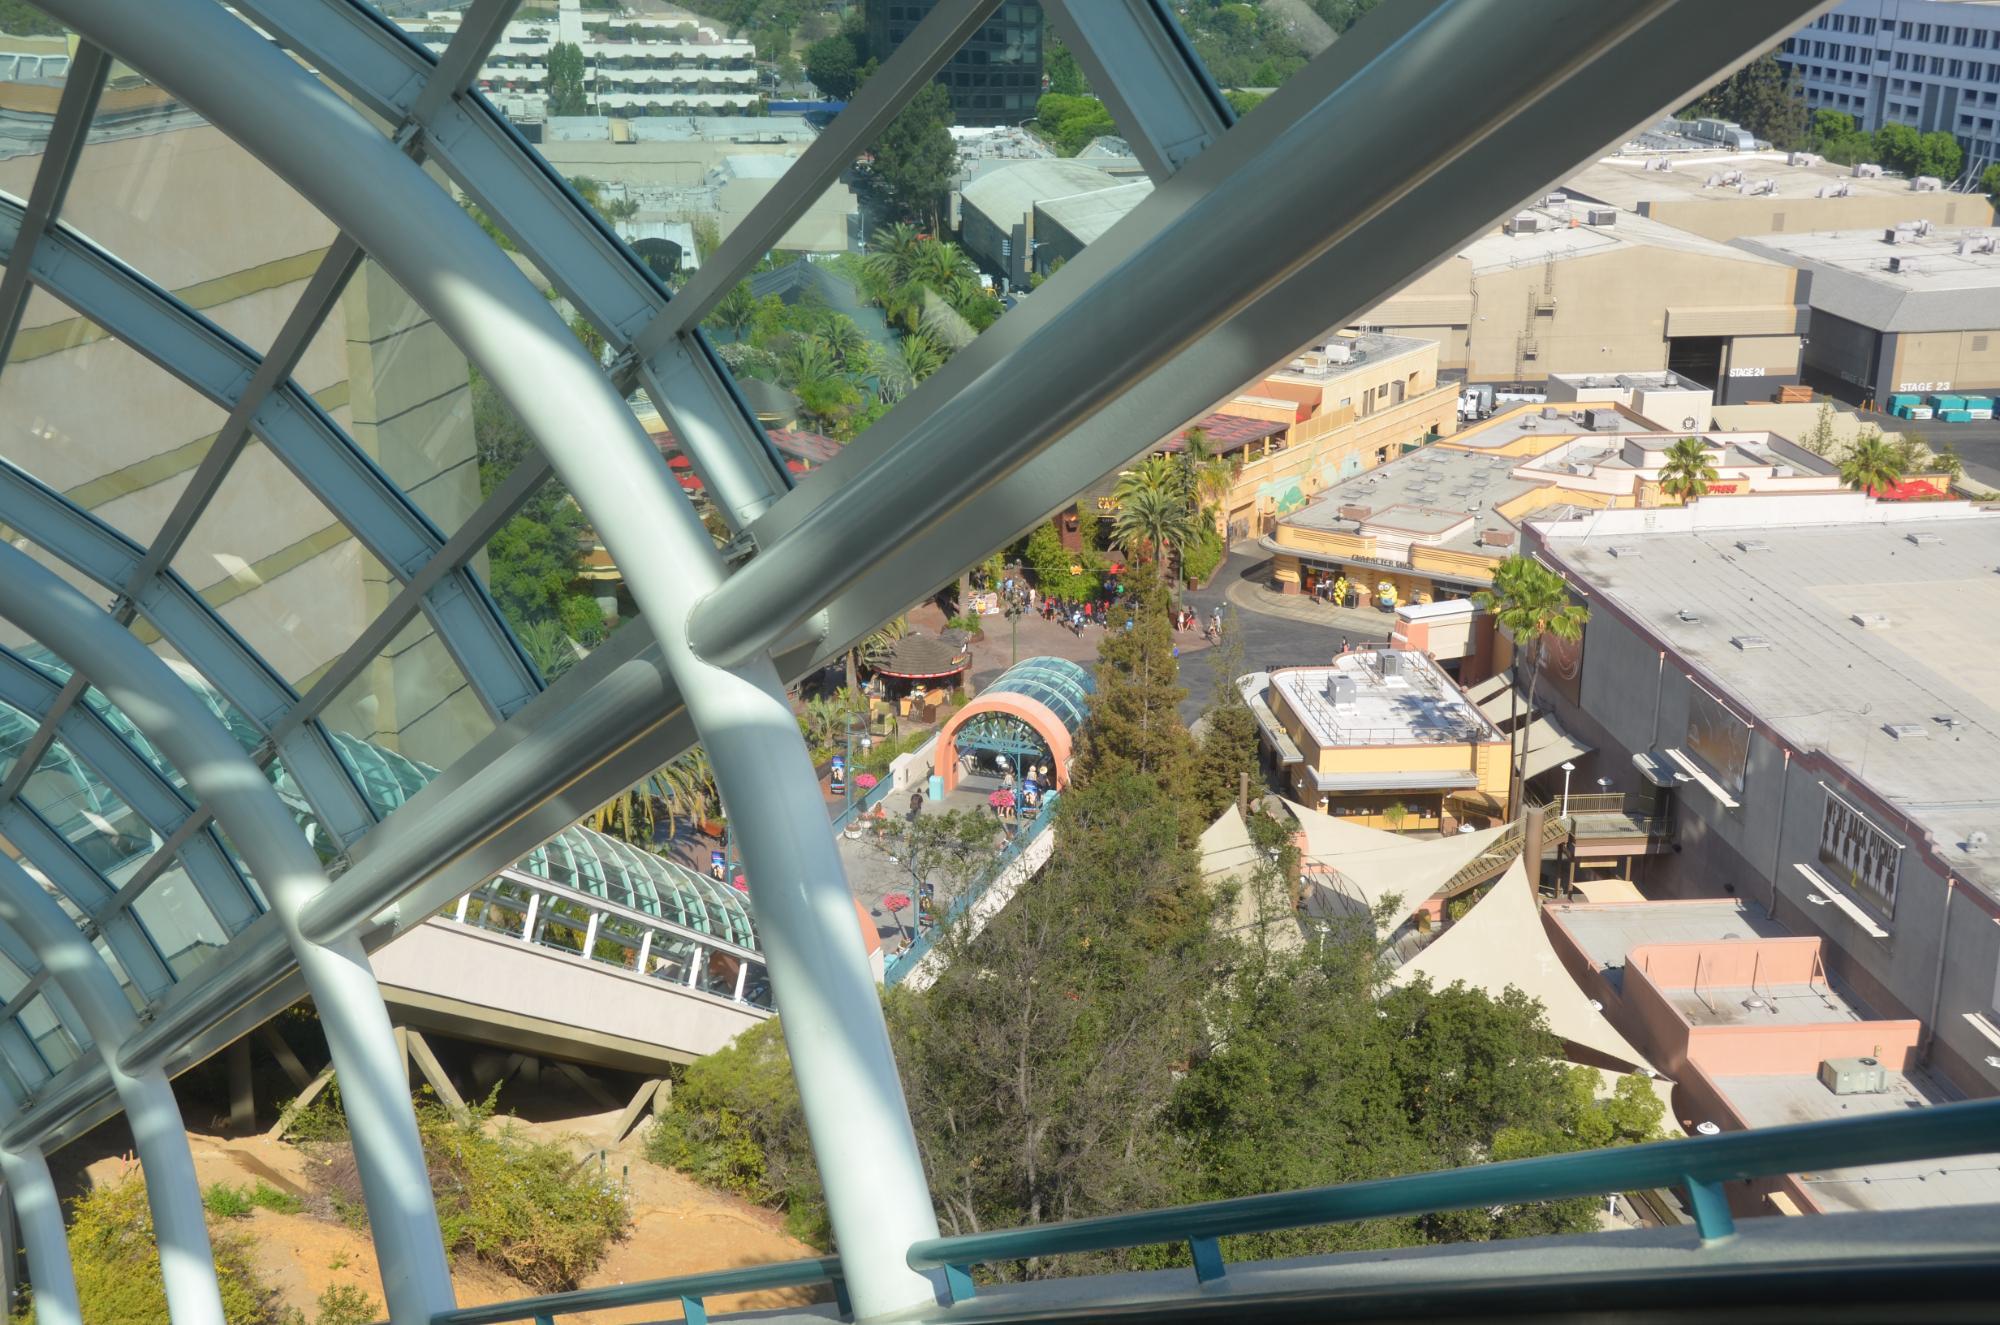 Vista aerea de una de la grandes escaleras...